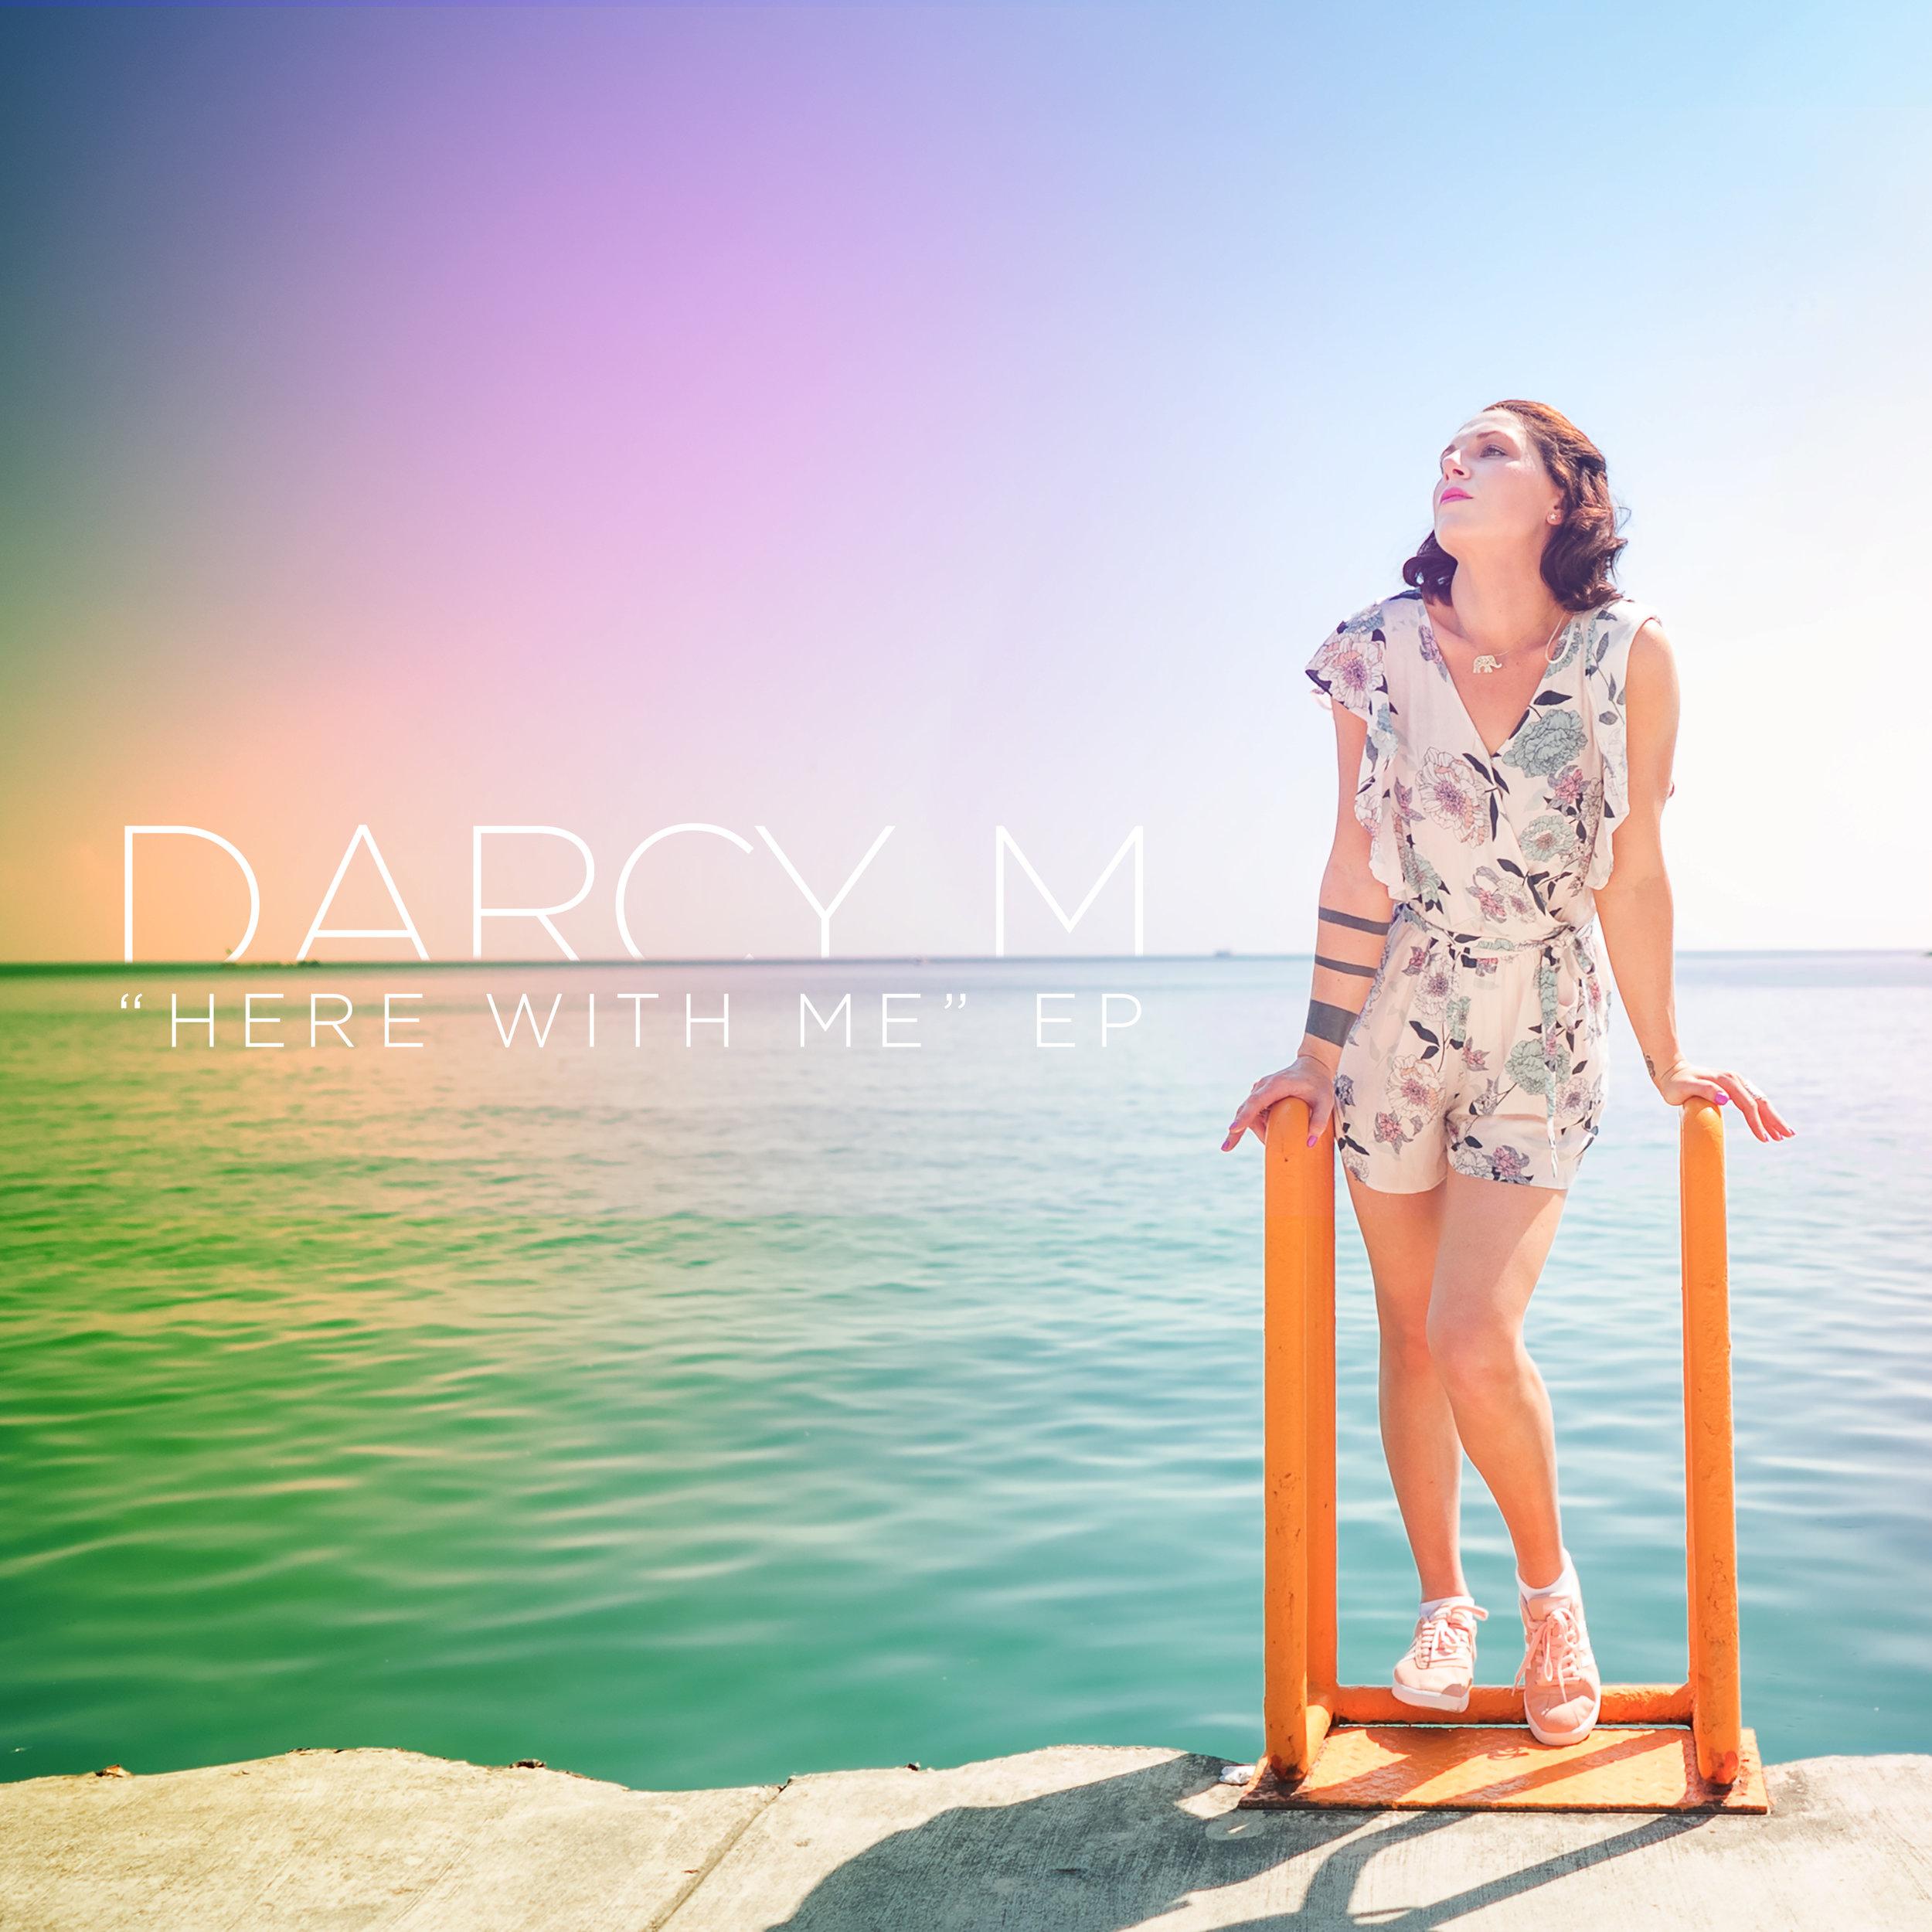 Darcy_Album_3000x3000.jpg